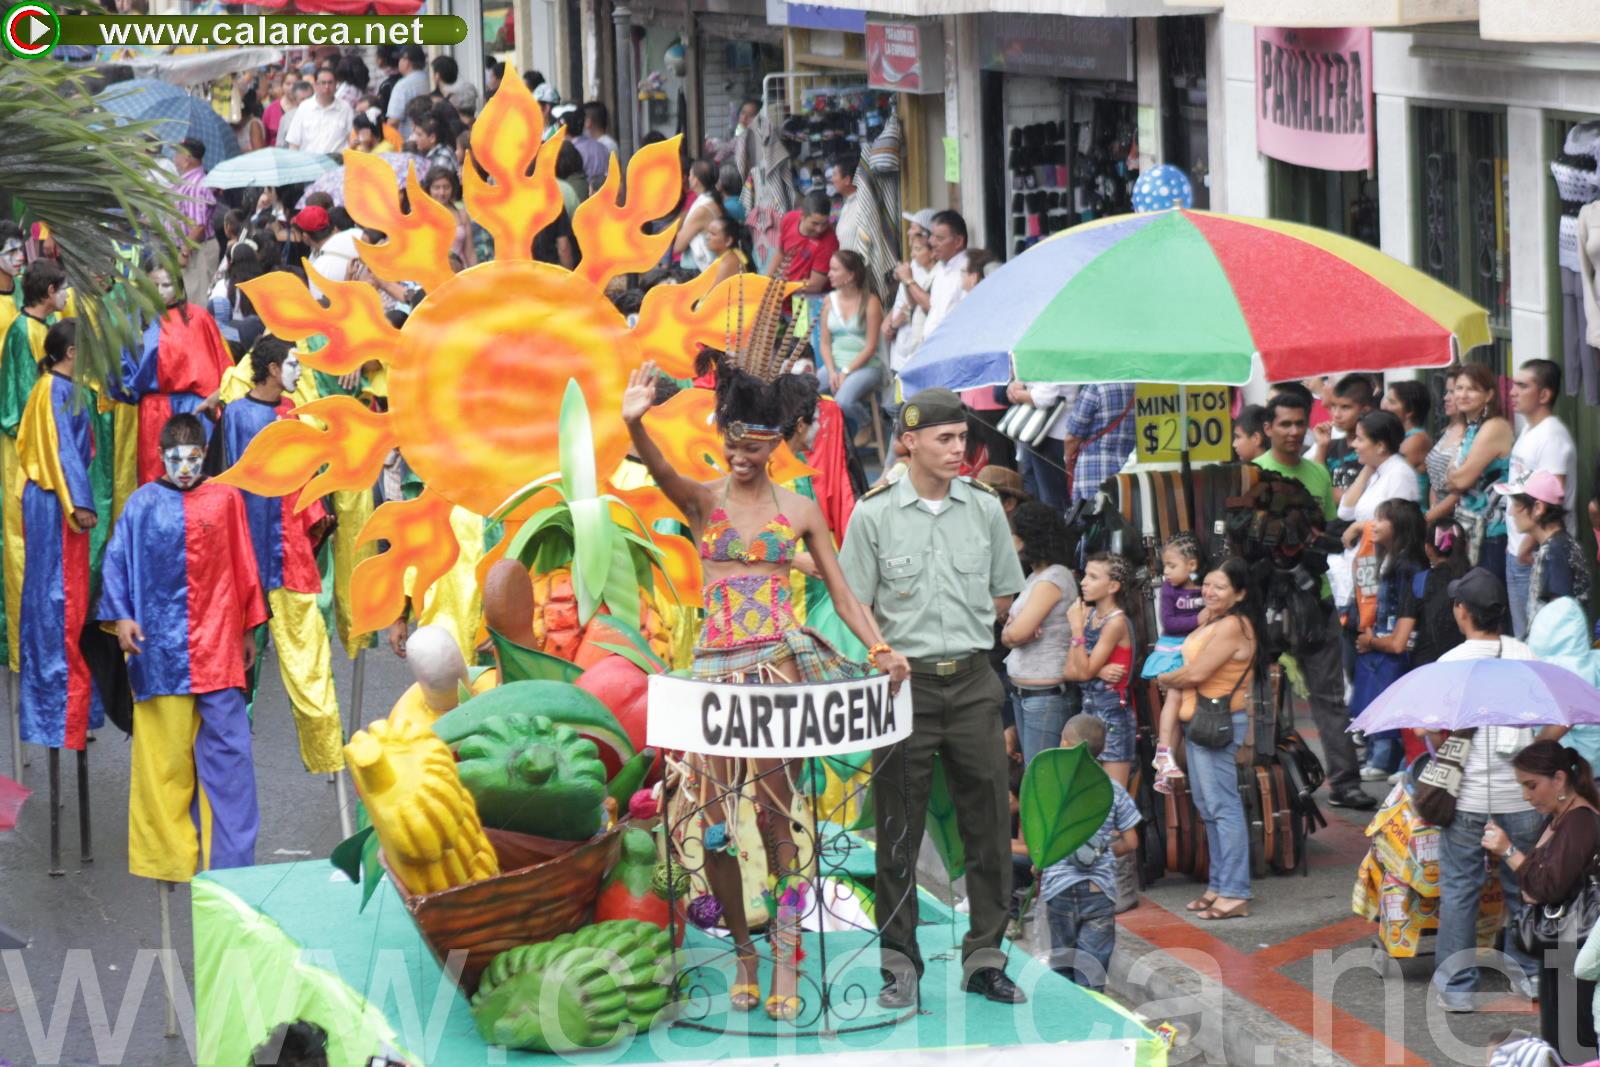 Cartagena de Indias, D. T. y C. – Madelein López Camelo